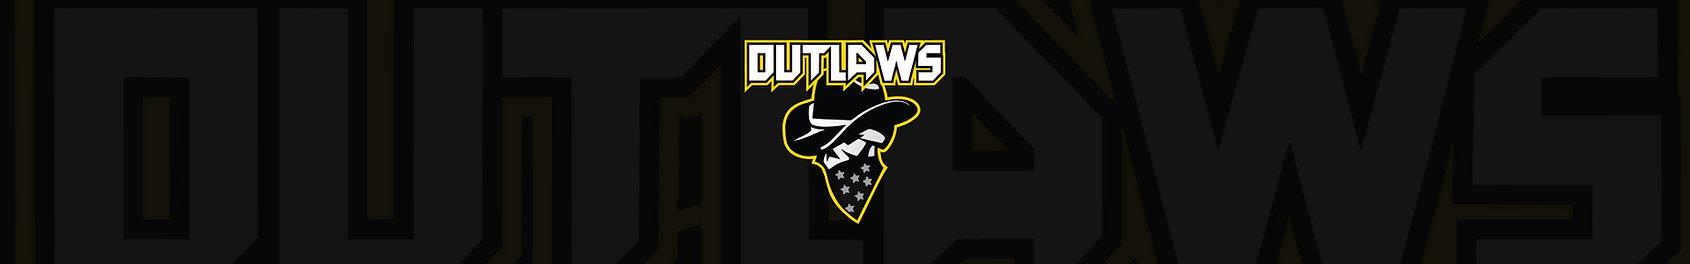 LogoBar_TrademygunOutlaws.jpg